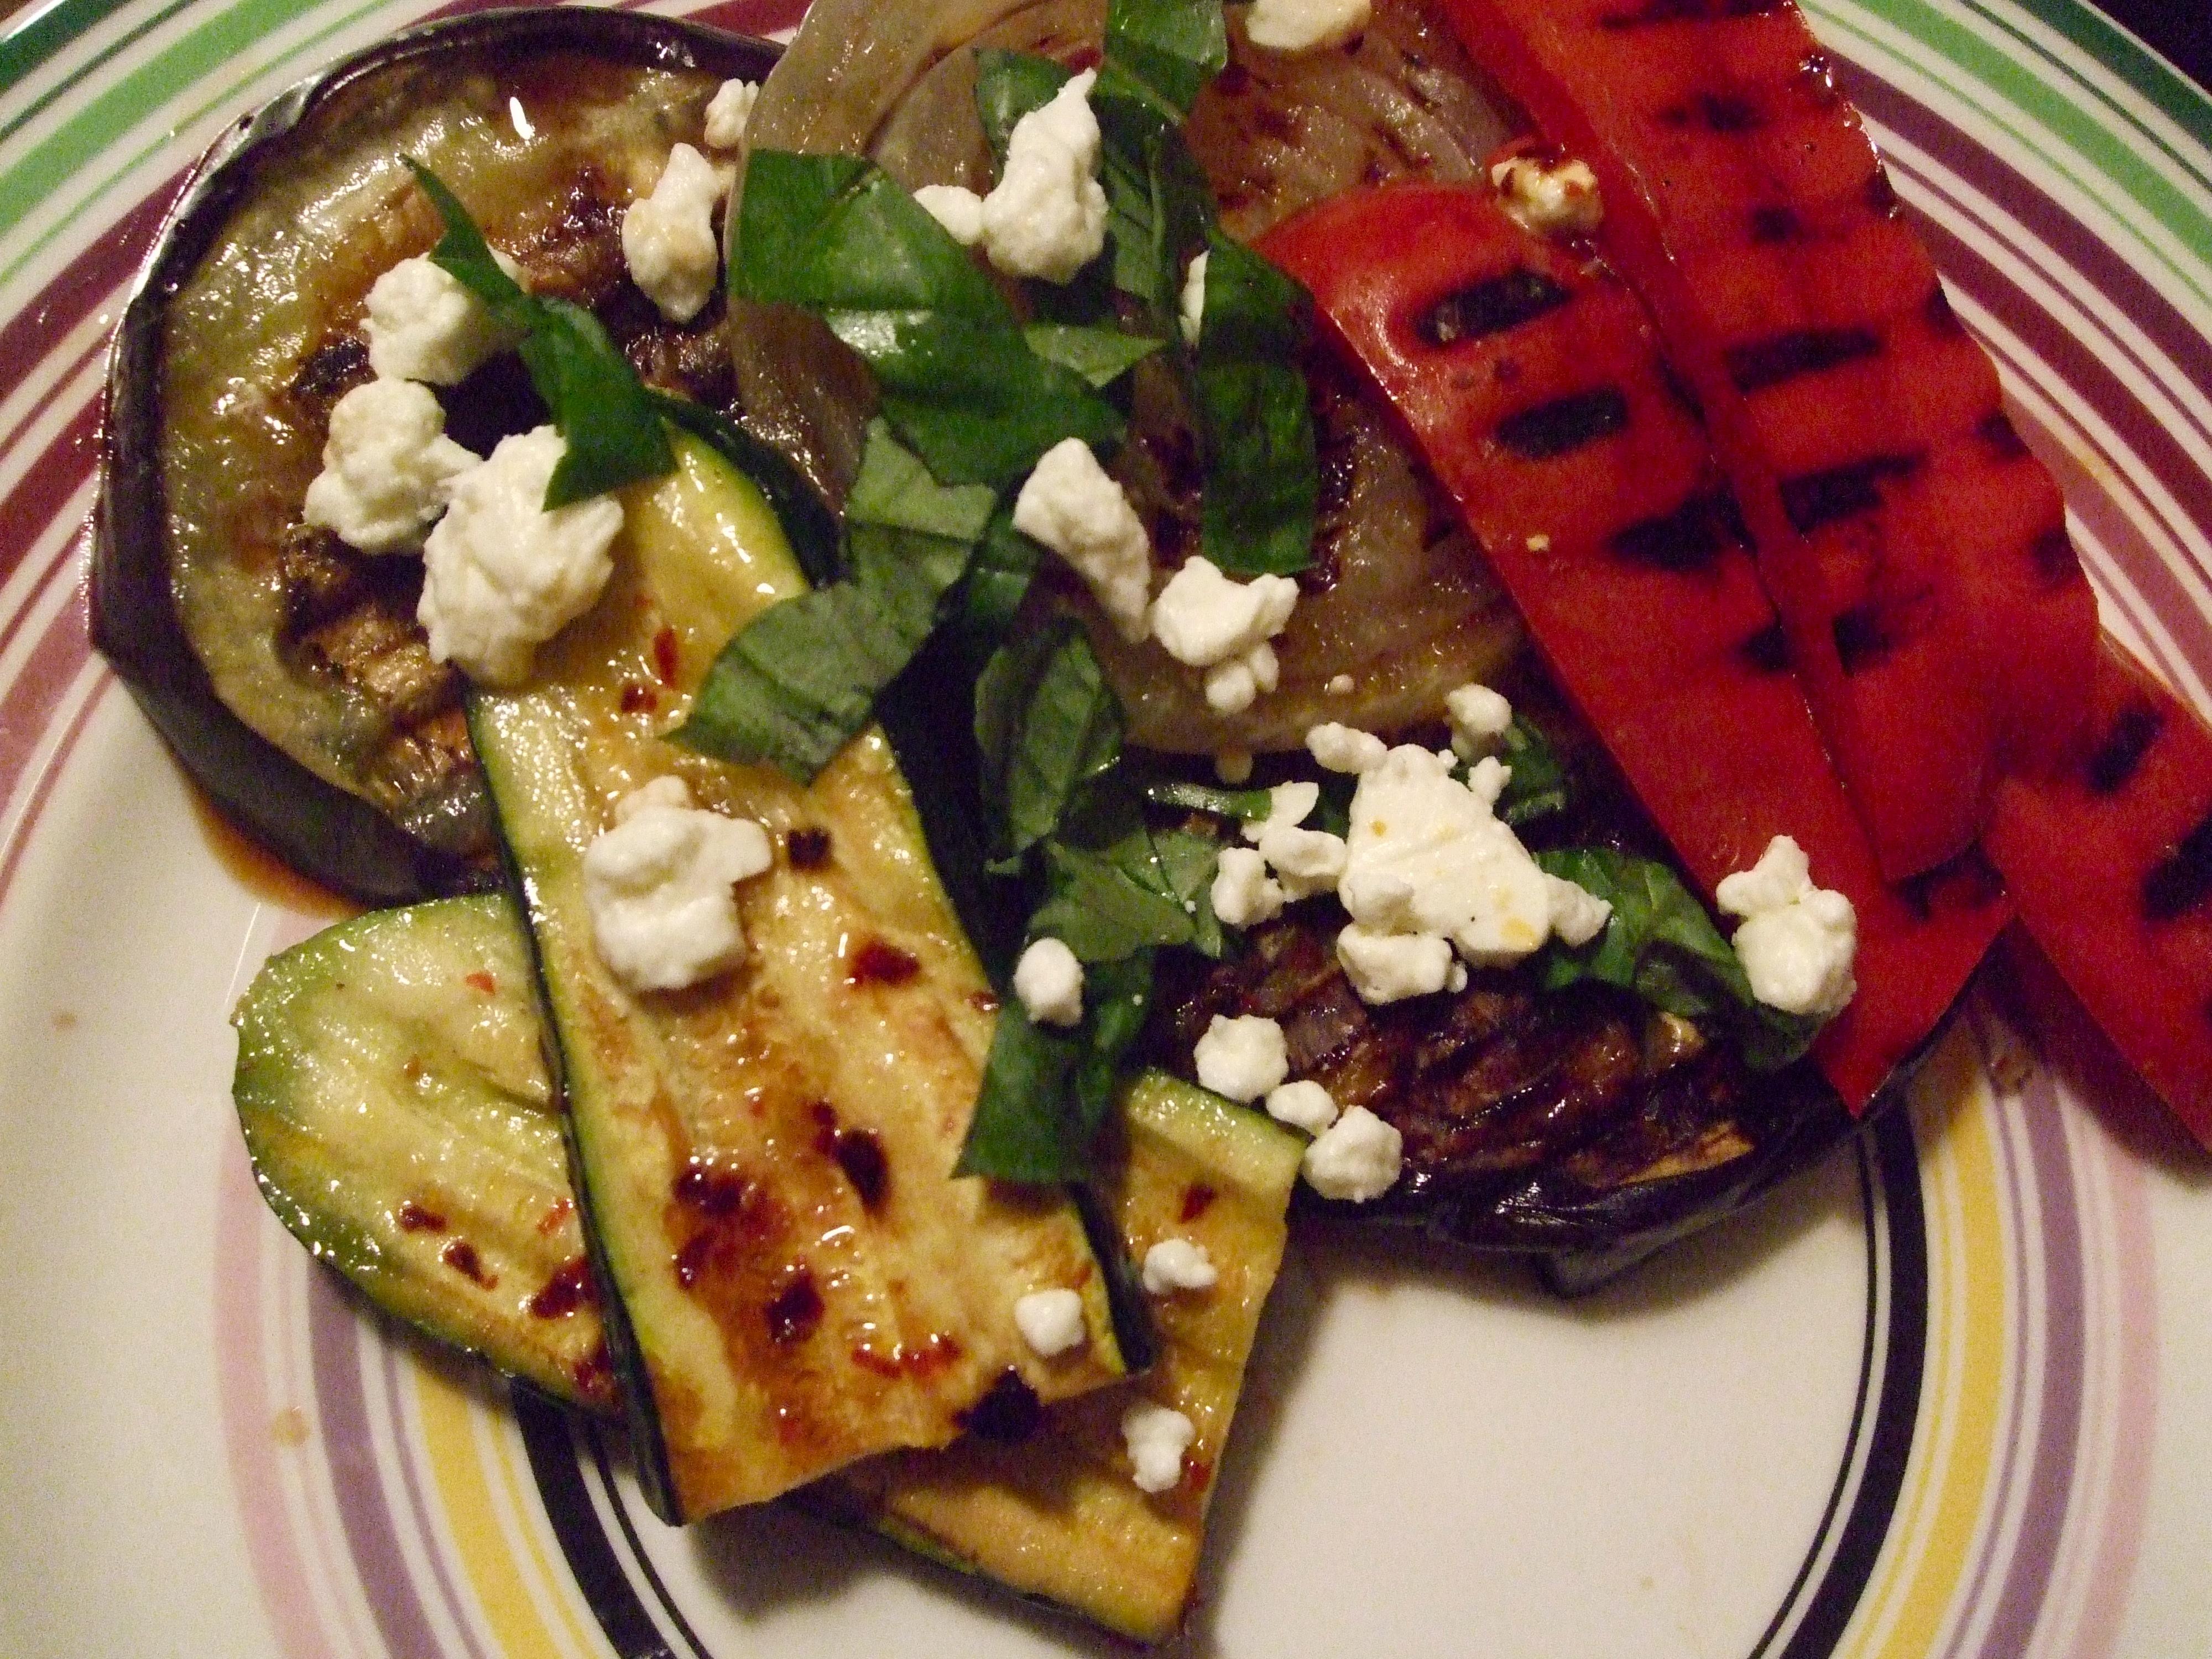 ... grilled ratatouille salad tastefood grilled ratatouille salad